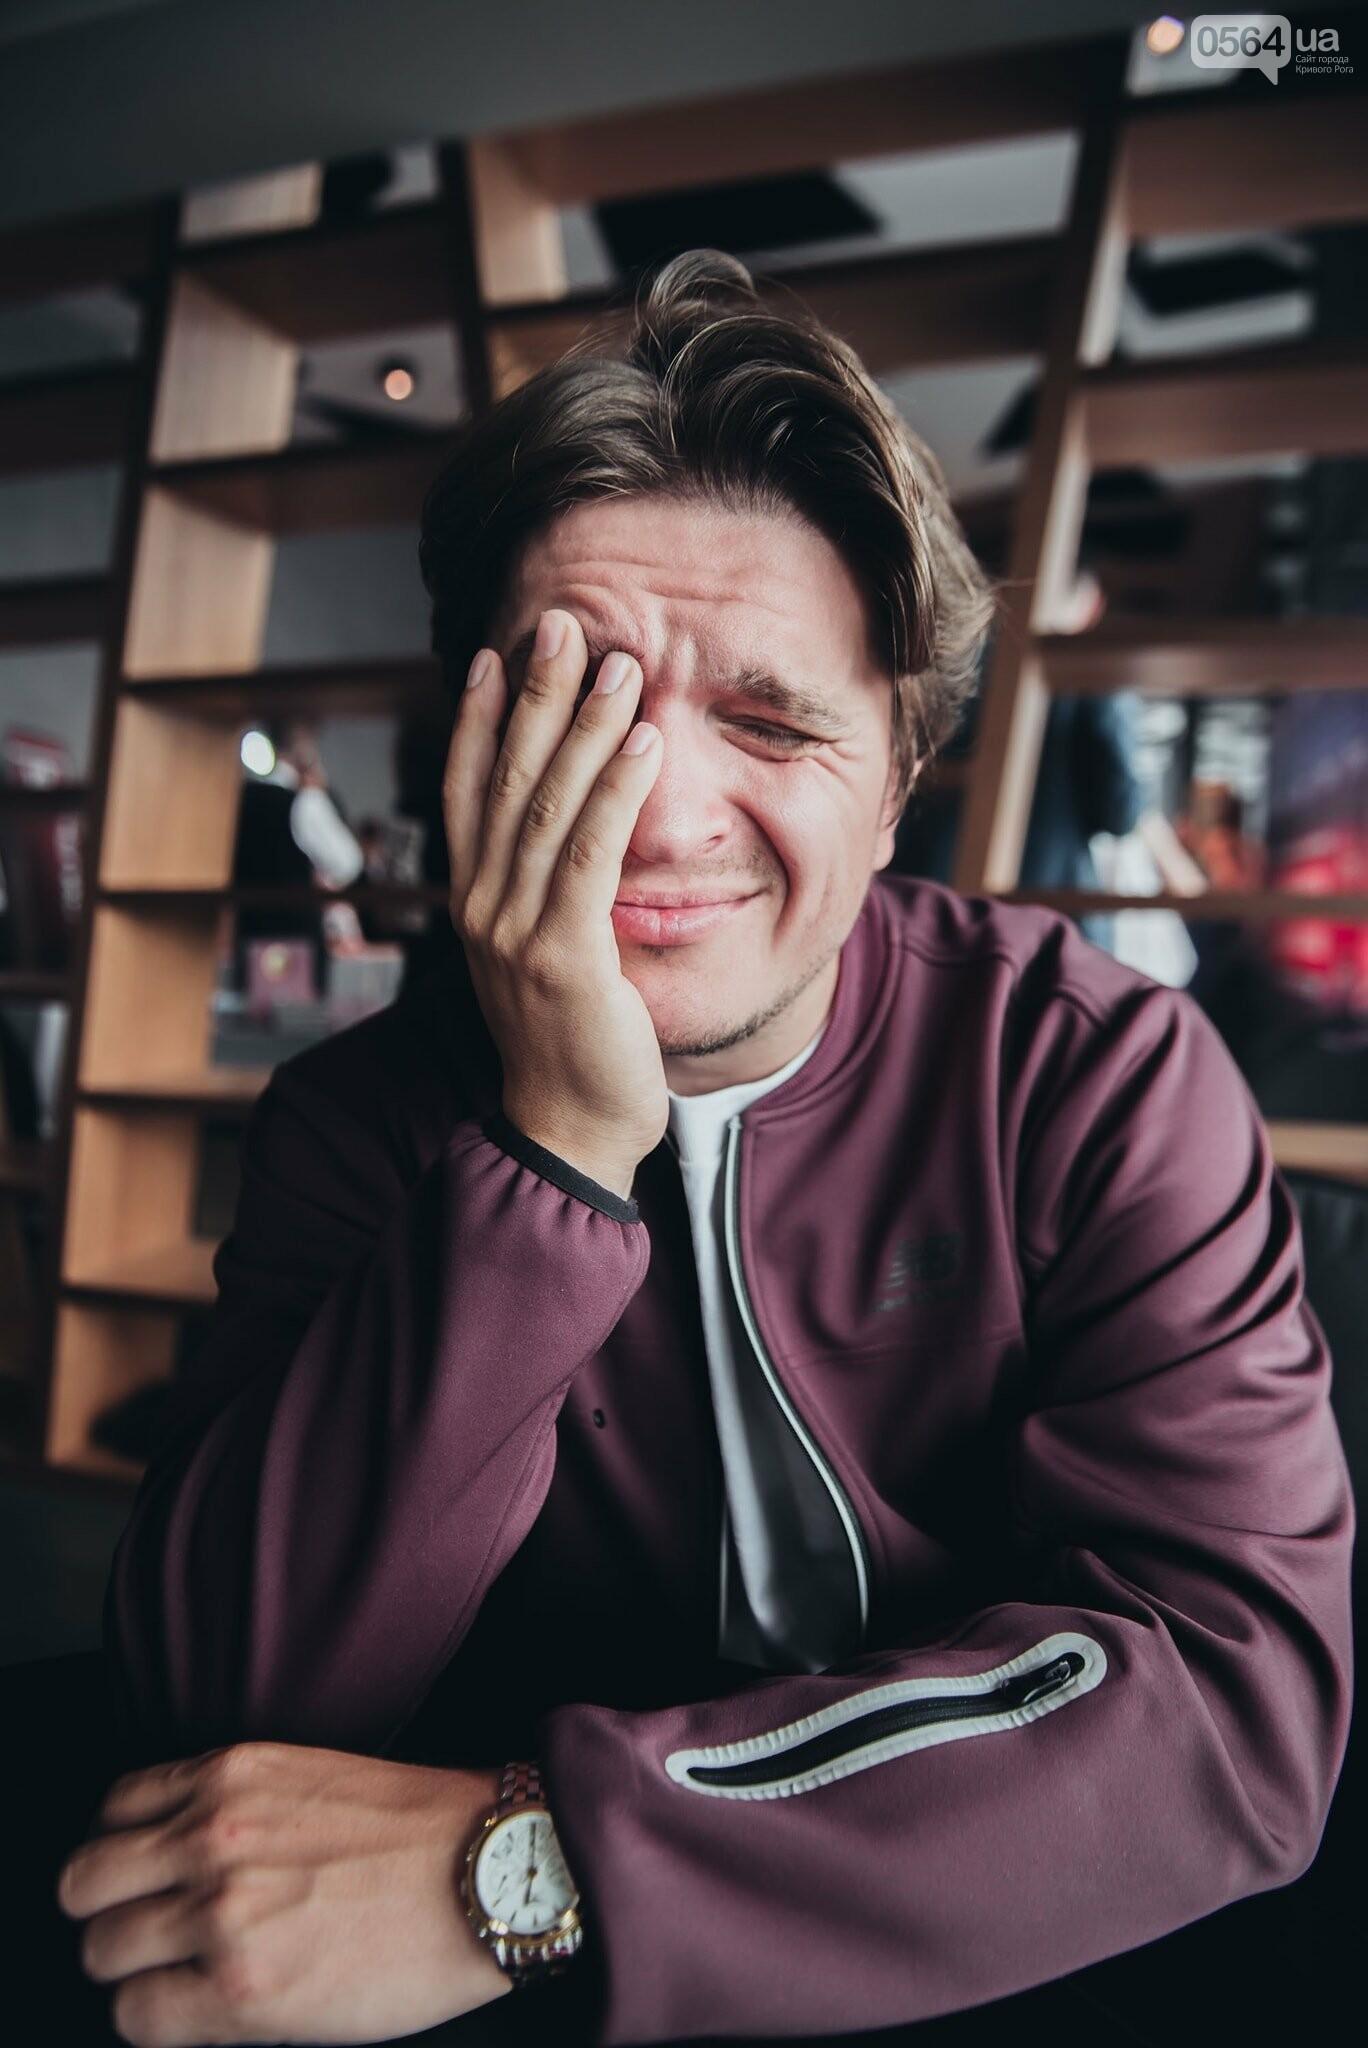 Известный криворожанин присоединился к Сумской, Тополе и Лознице  и расплакался, - ФОТО, фото-1